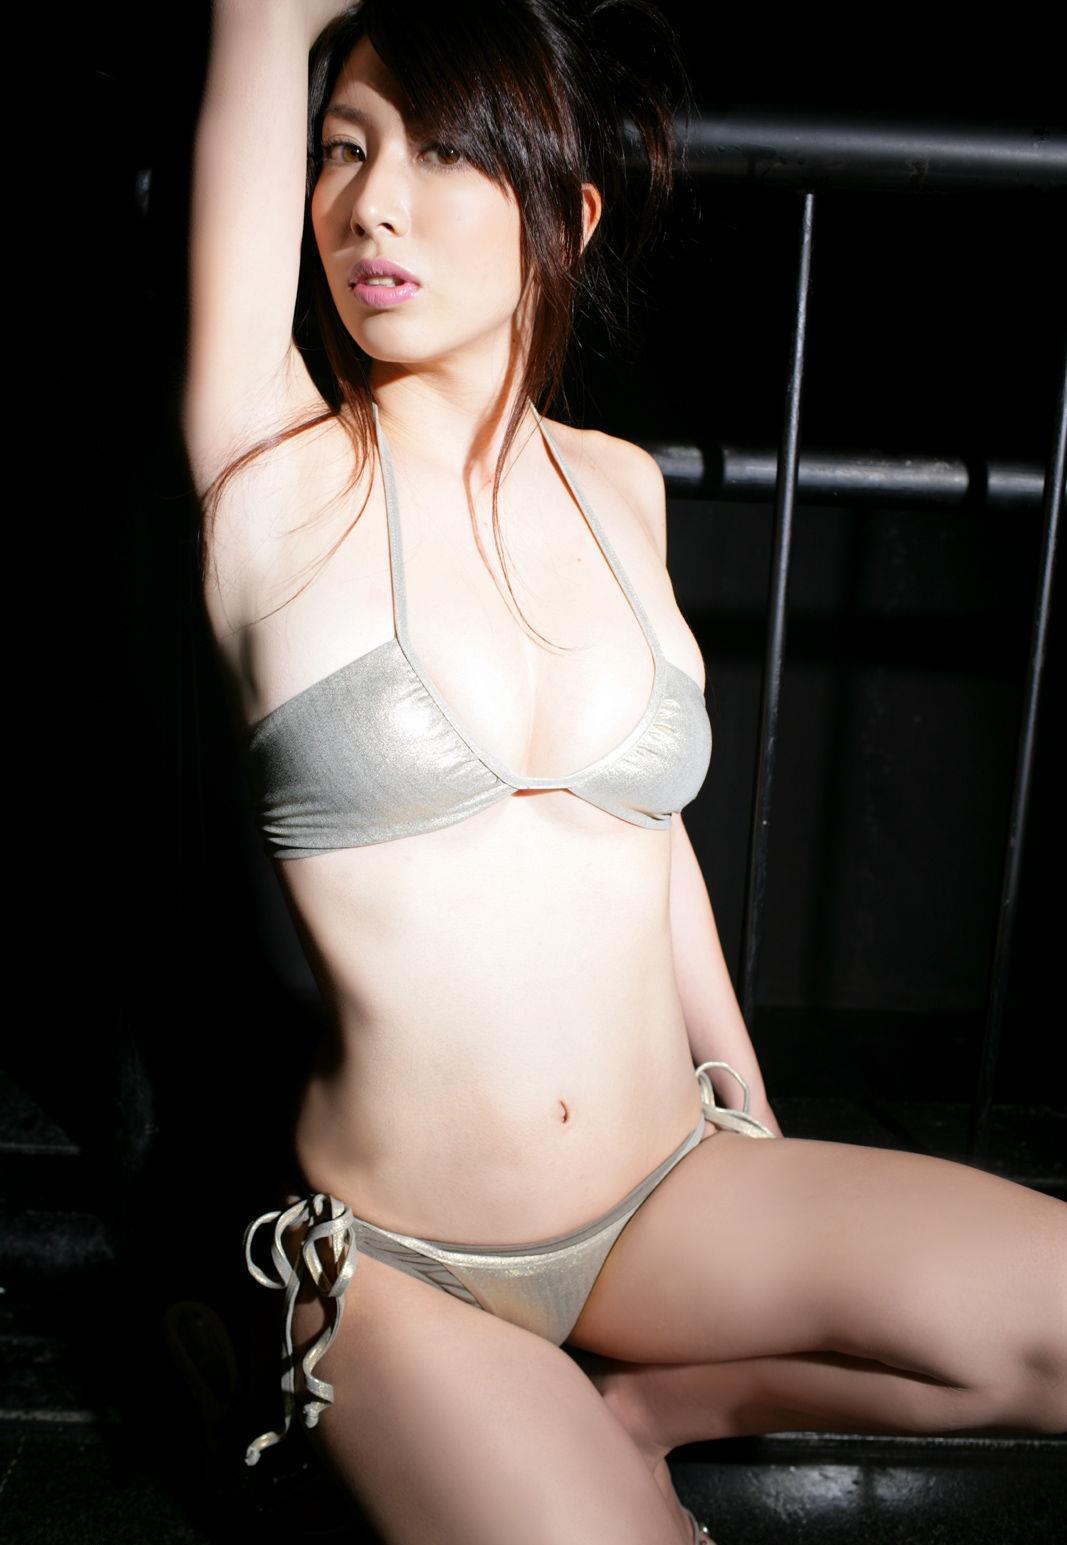 小林恵美 画像 28